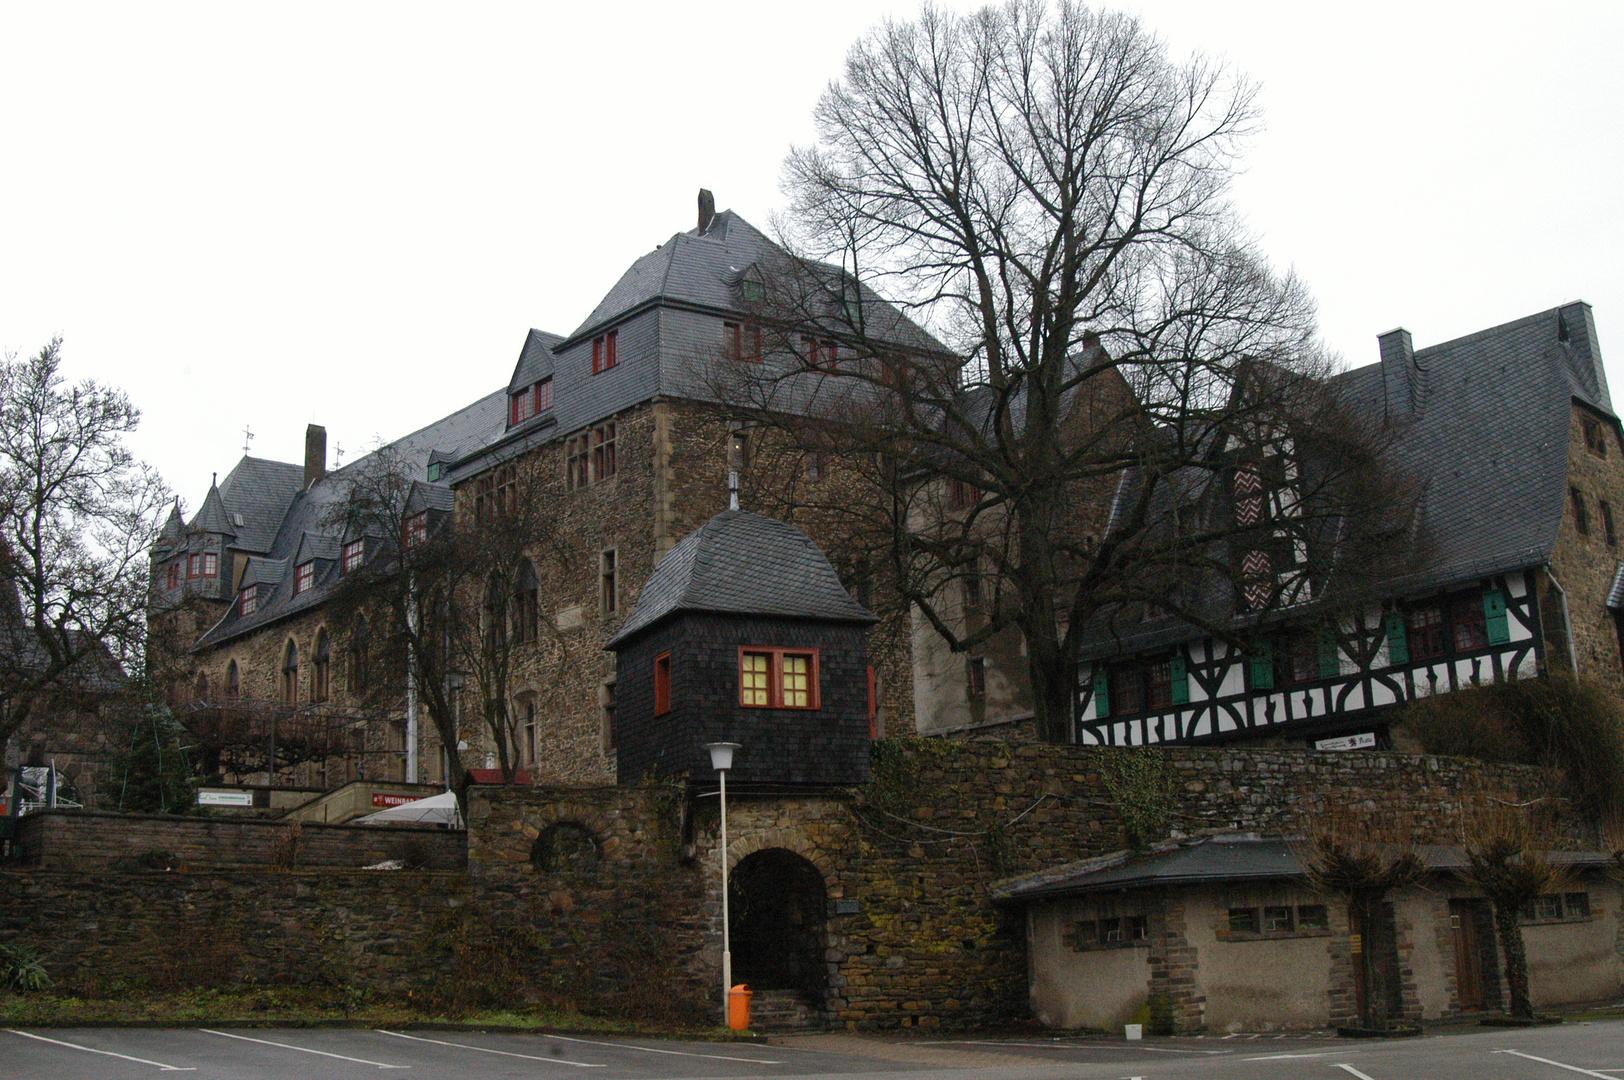 Schloß-Burg